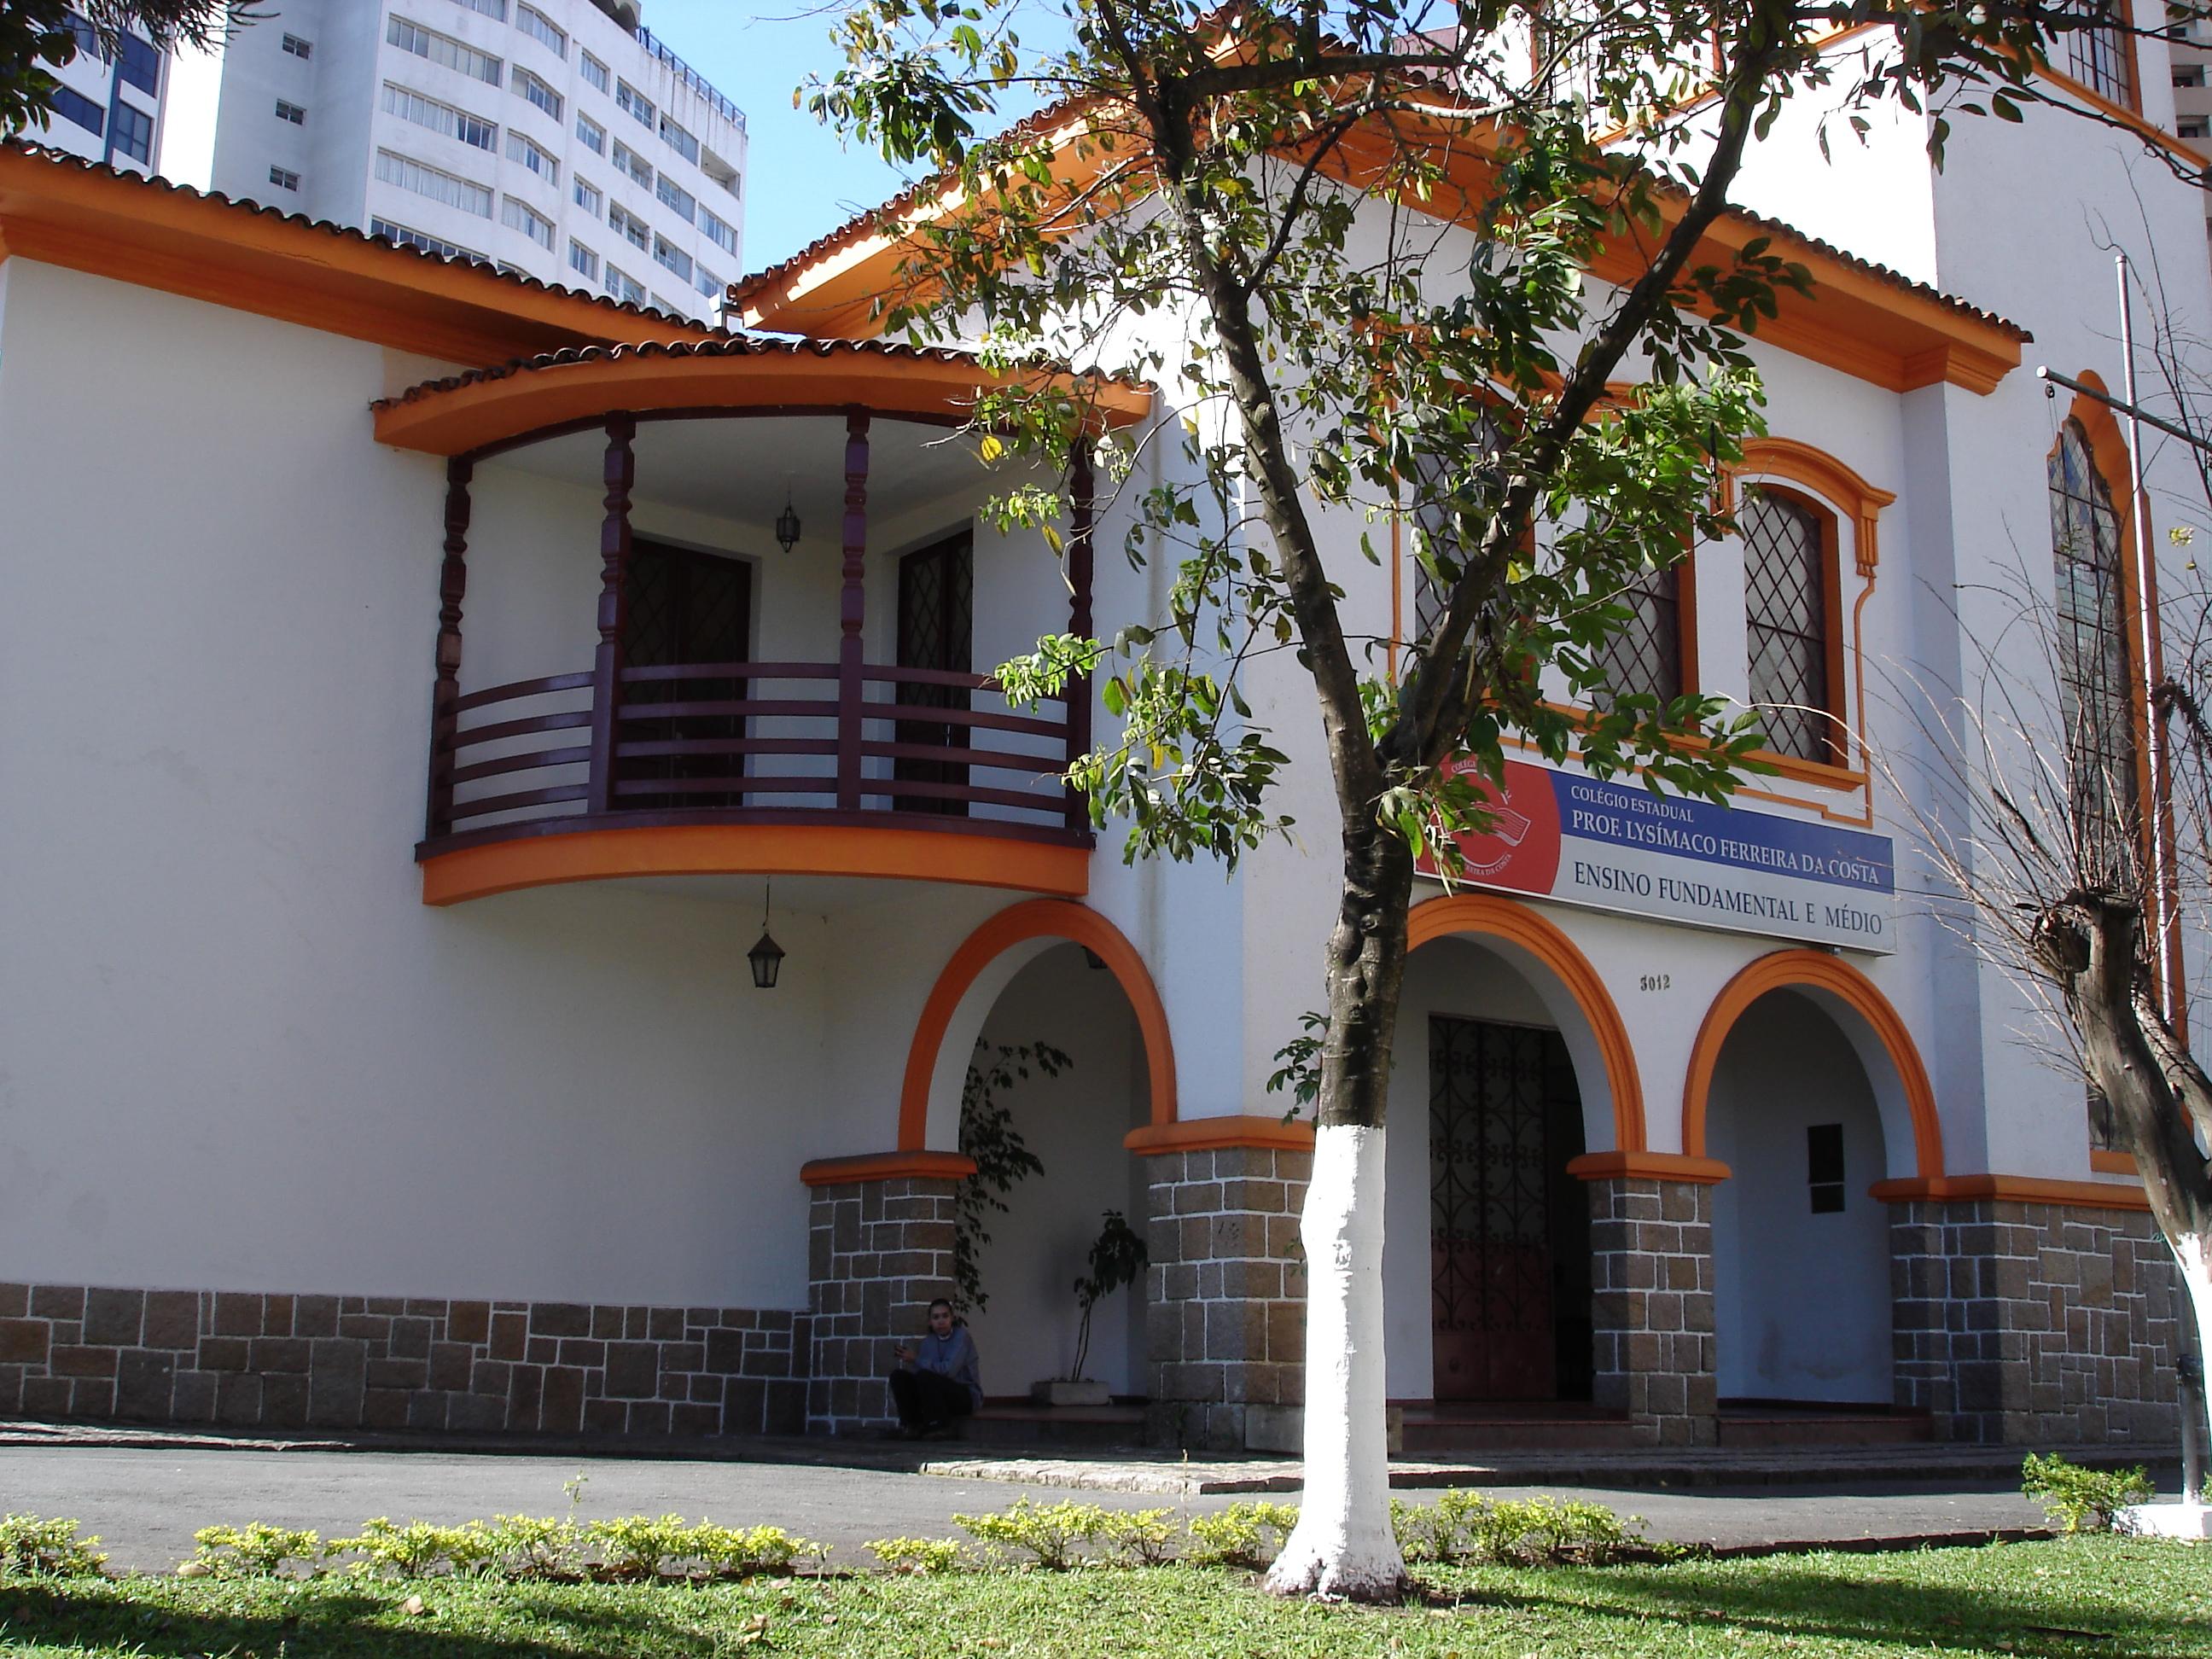 Detalhe do acesso principal do Colégio Estadual Lysimaco Ferreira da Costa, em 2008.